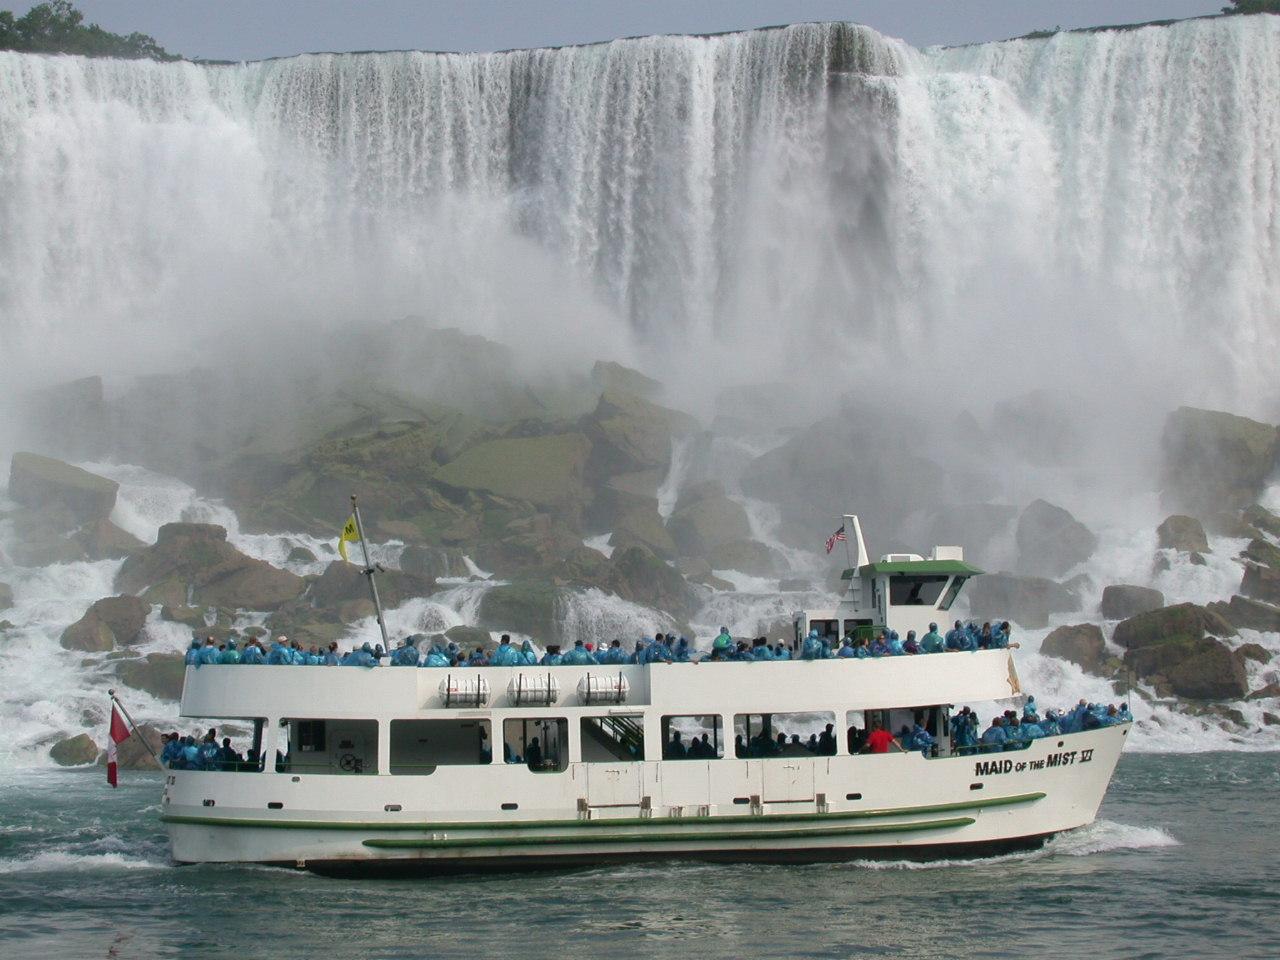 Landscape Photography Of Niagara Falls Ontario 8 Landscape Photography Of Niagara Falls Ontario